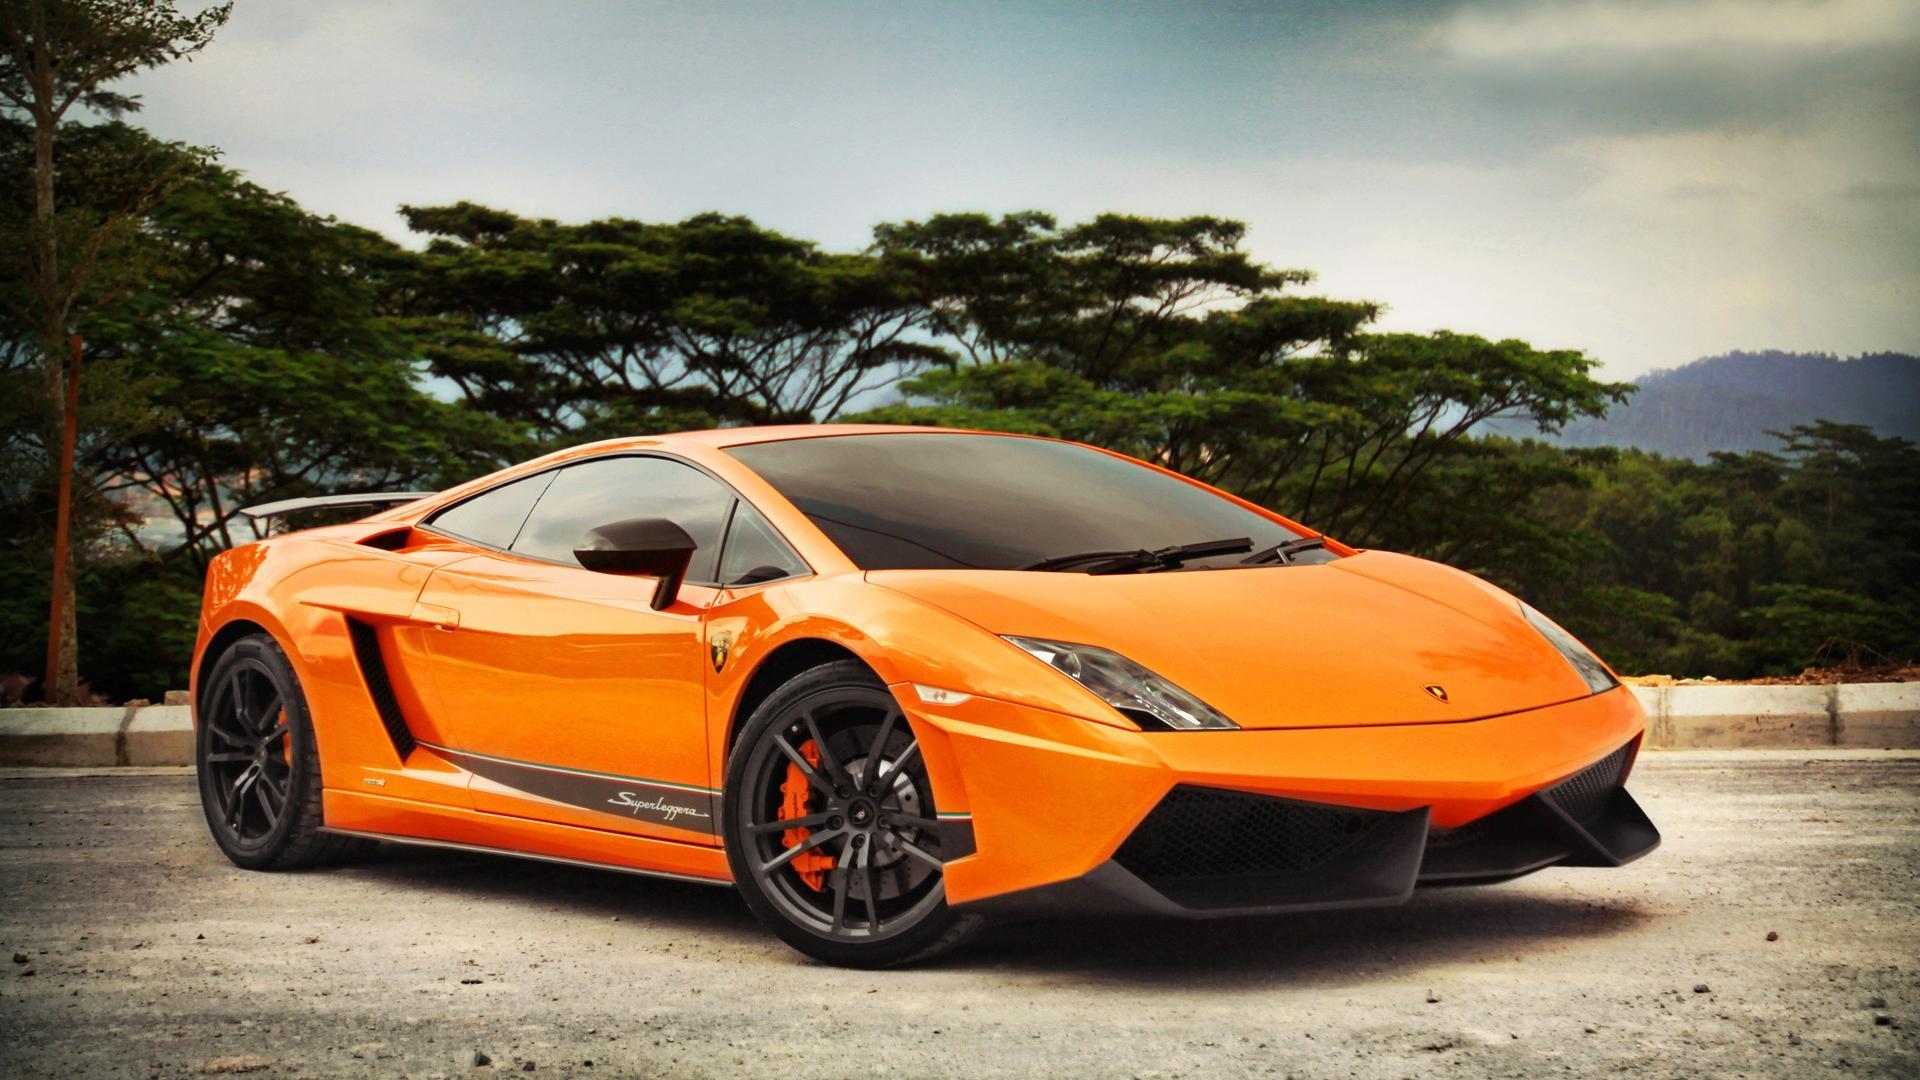 New Lamborghini Gallardo Sports Cars HD Wallpaper of Car 1920x1080